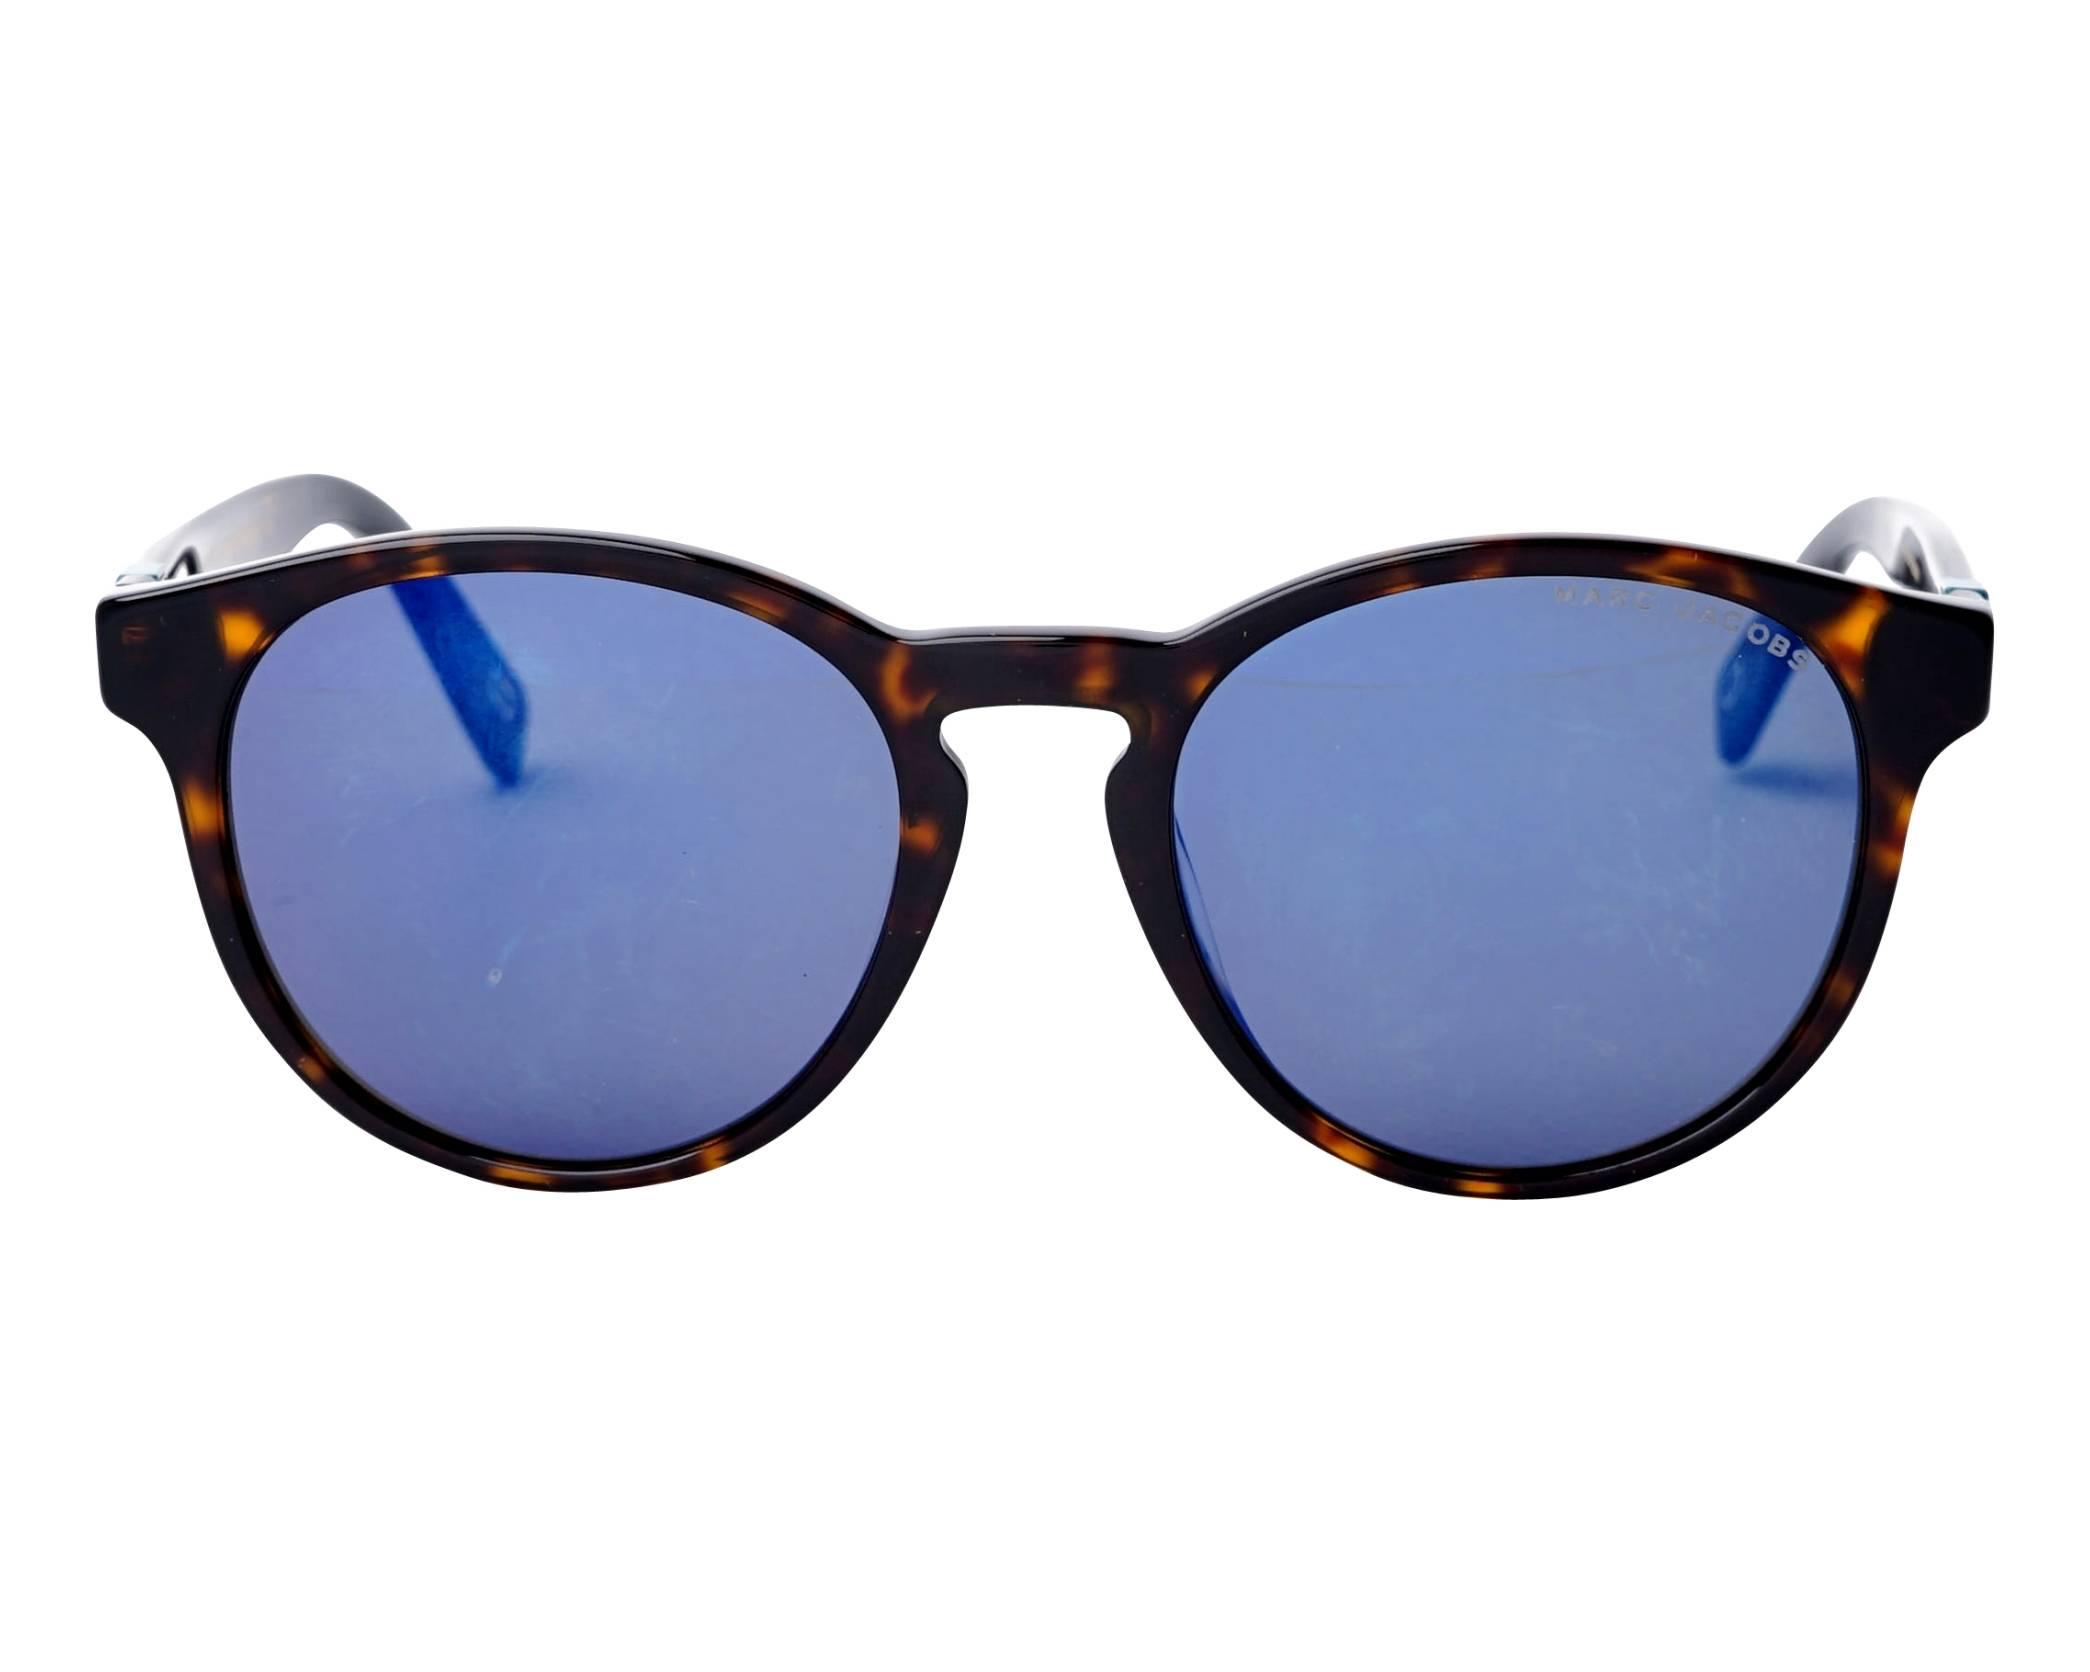 c180b1d1de6 Sunglasses Marc Jacobs MARC-351-S 086XT 52-19 Havana front view